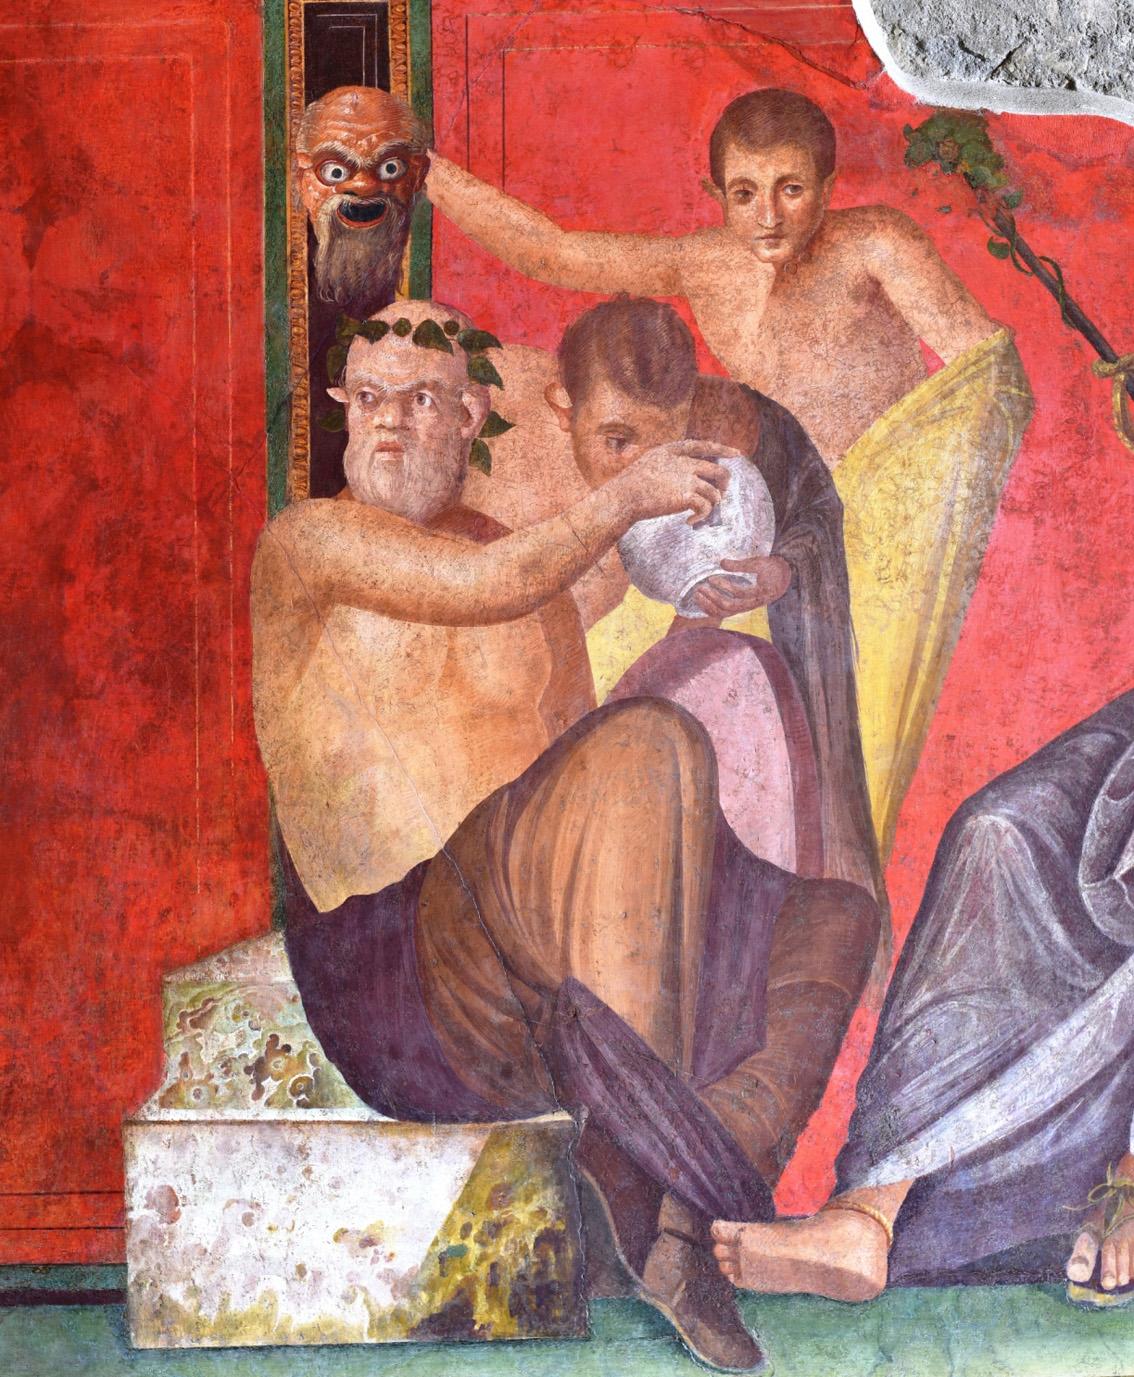 Detalle de uno de los frescos de la Sala del Triclinio después de la restauración.